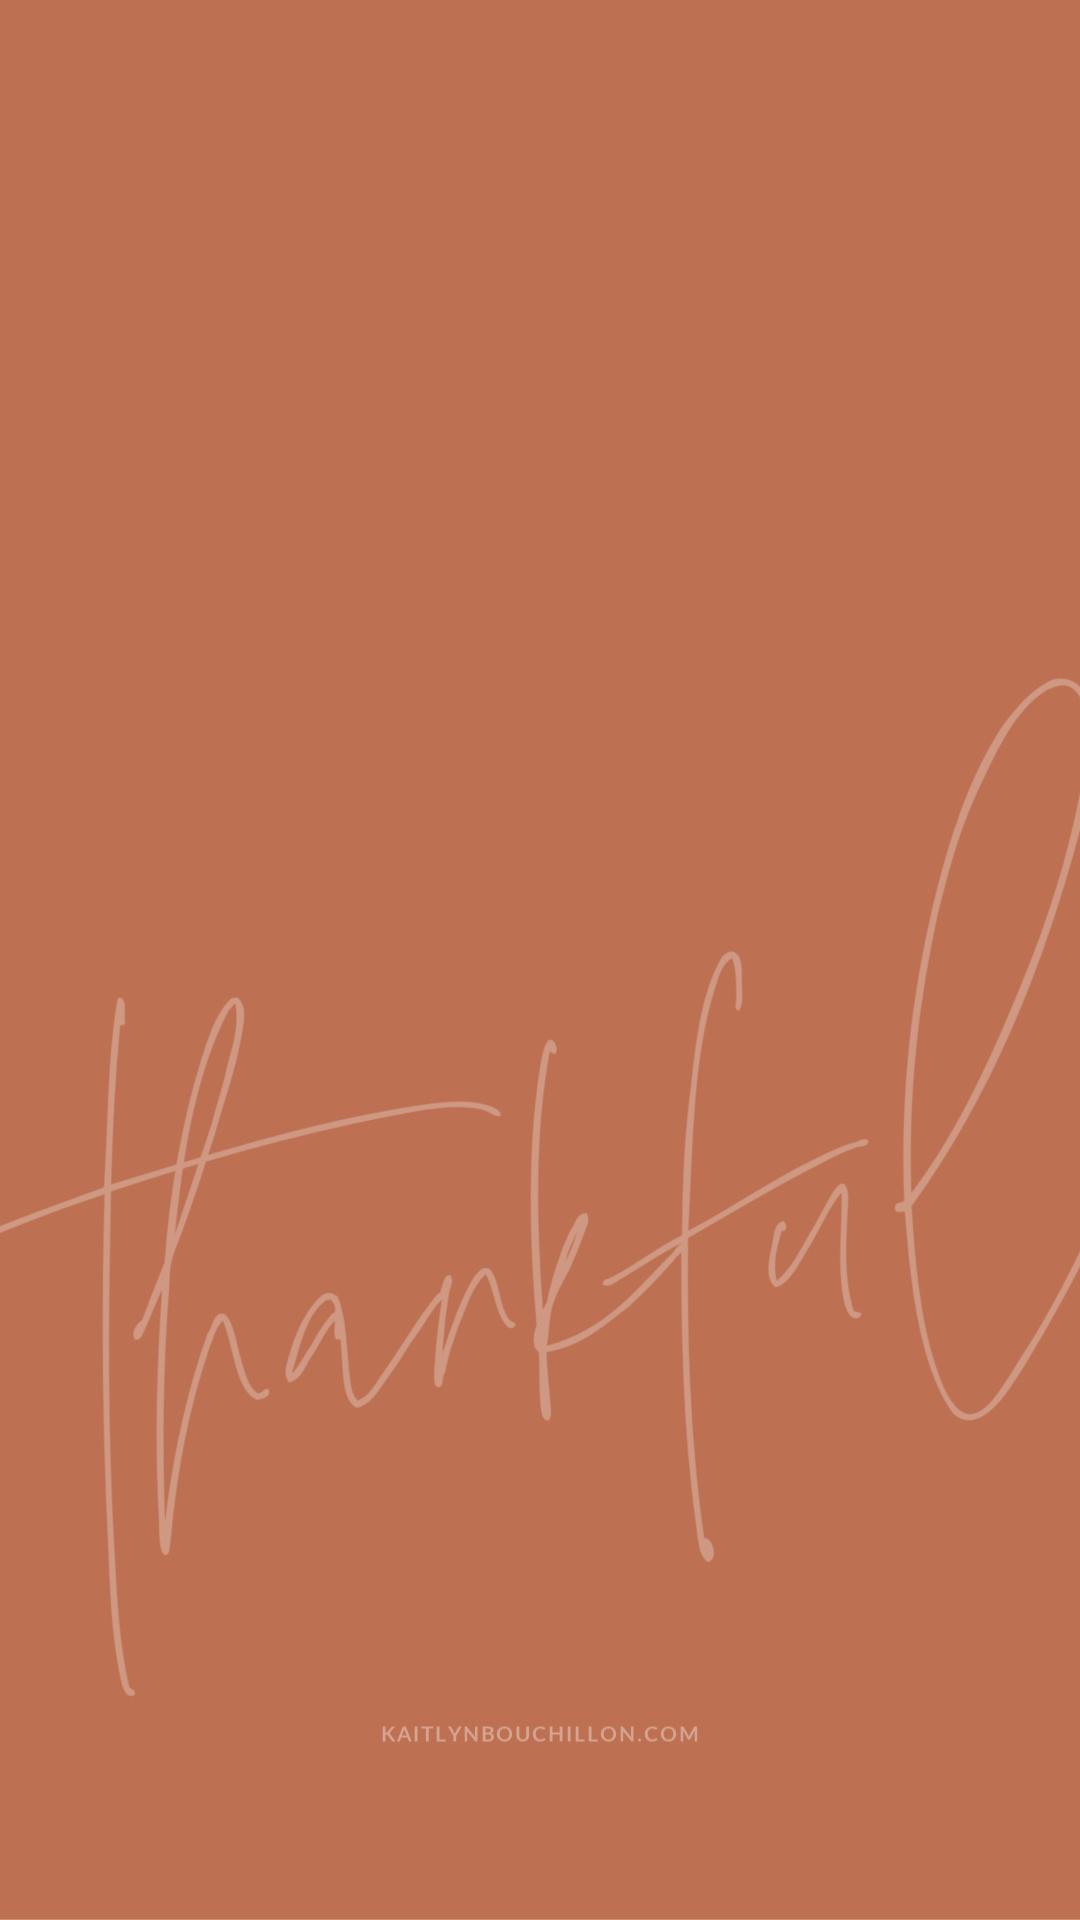 free iPhone lock screen: thankful